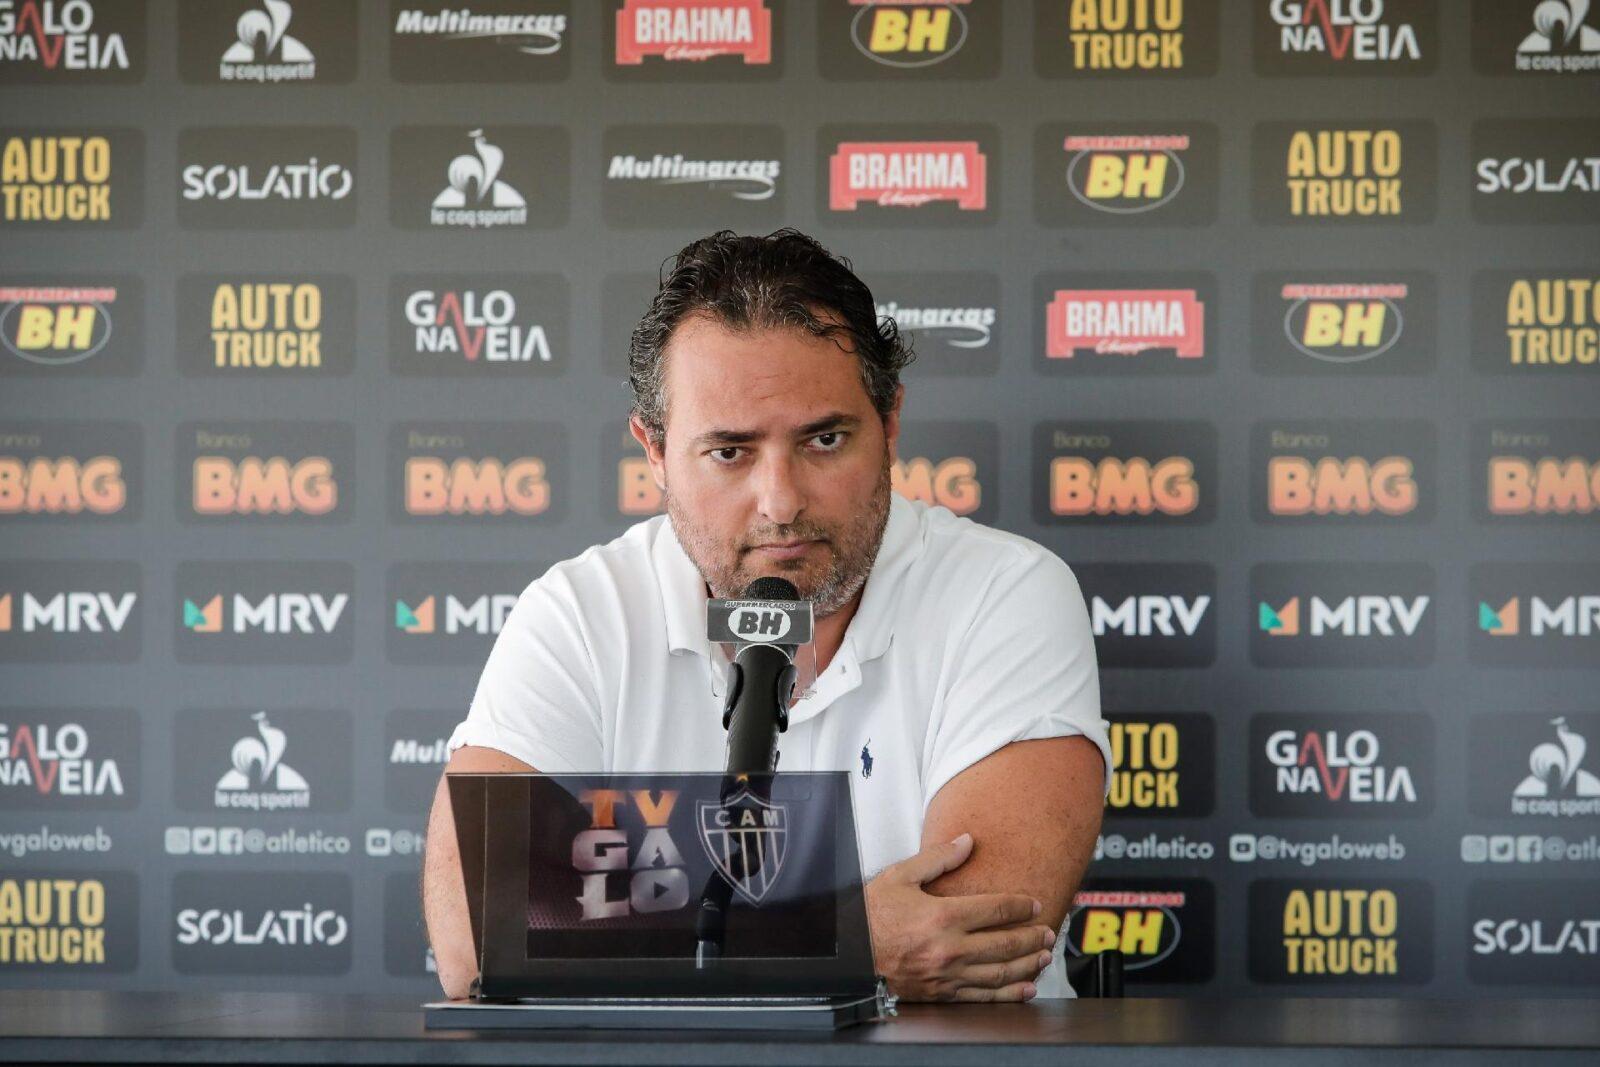 Atlético Mineiro Alexandre Mattos